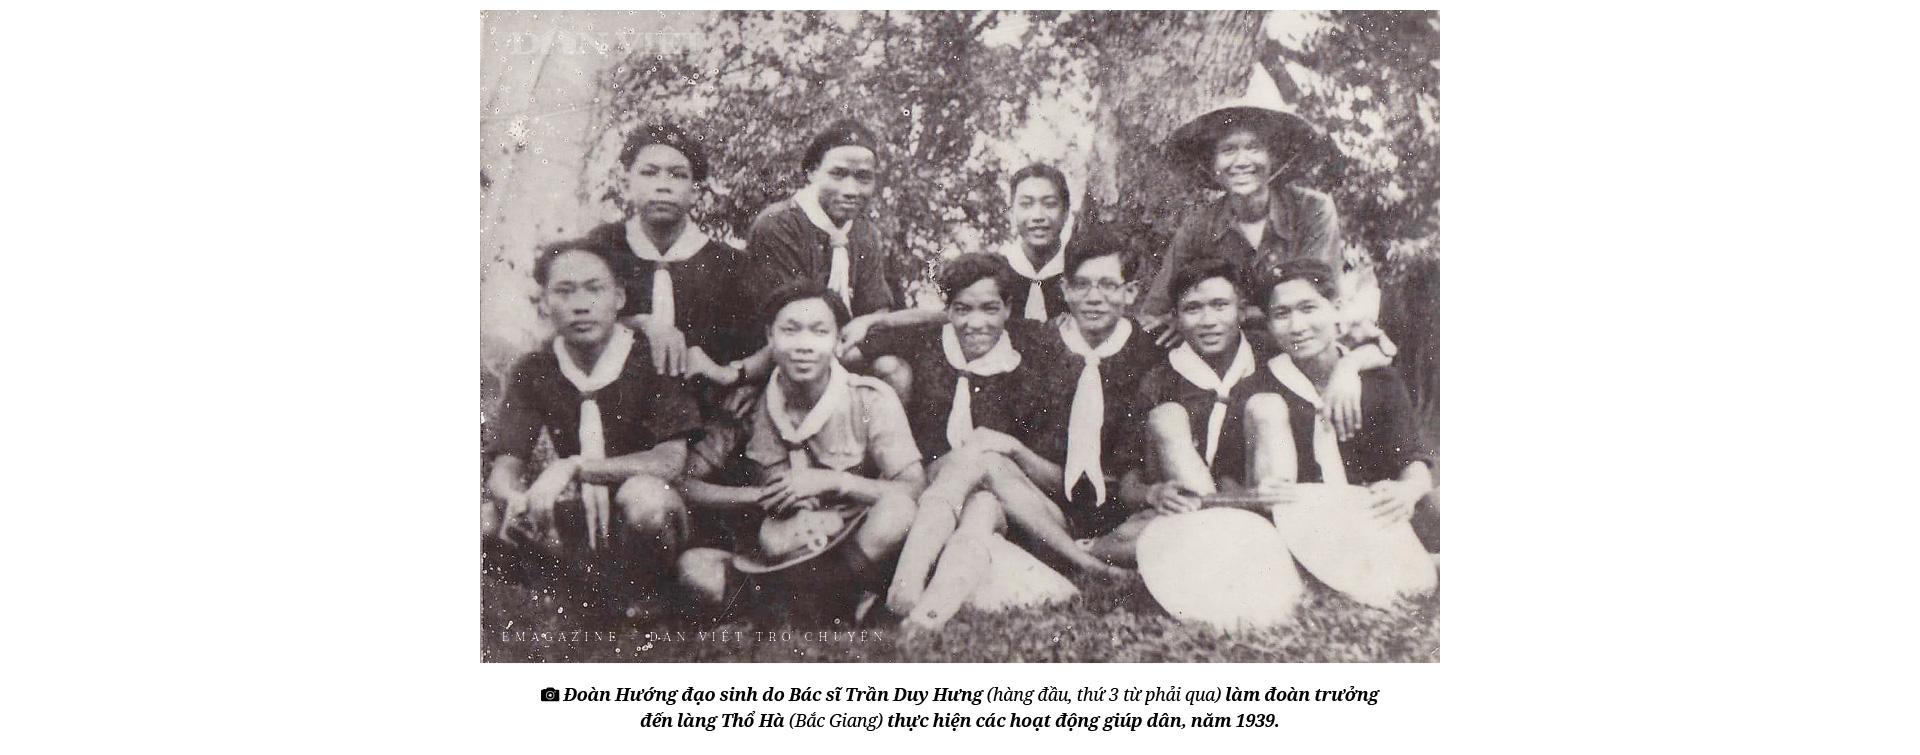 Bác sĩ Trần Duy Hưng – thị trưởng Hà Nội đầu tiên và lâu năm nhất - Ảnh 5.